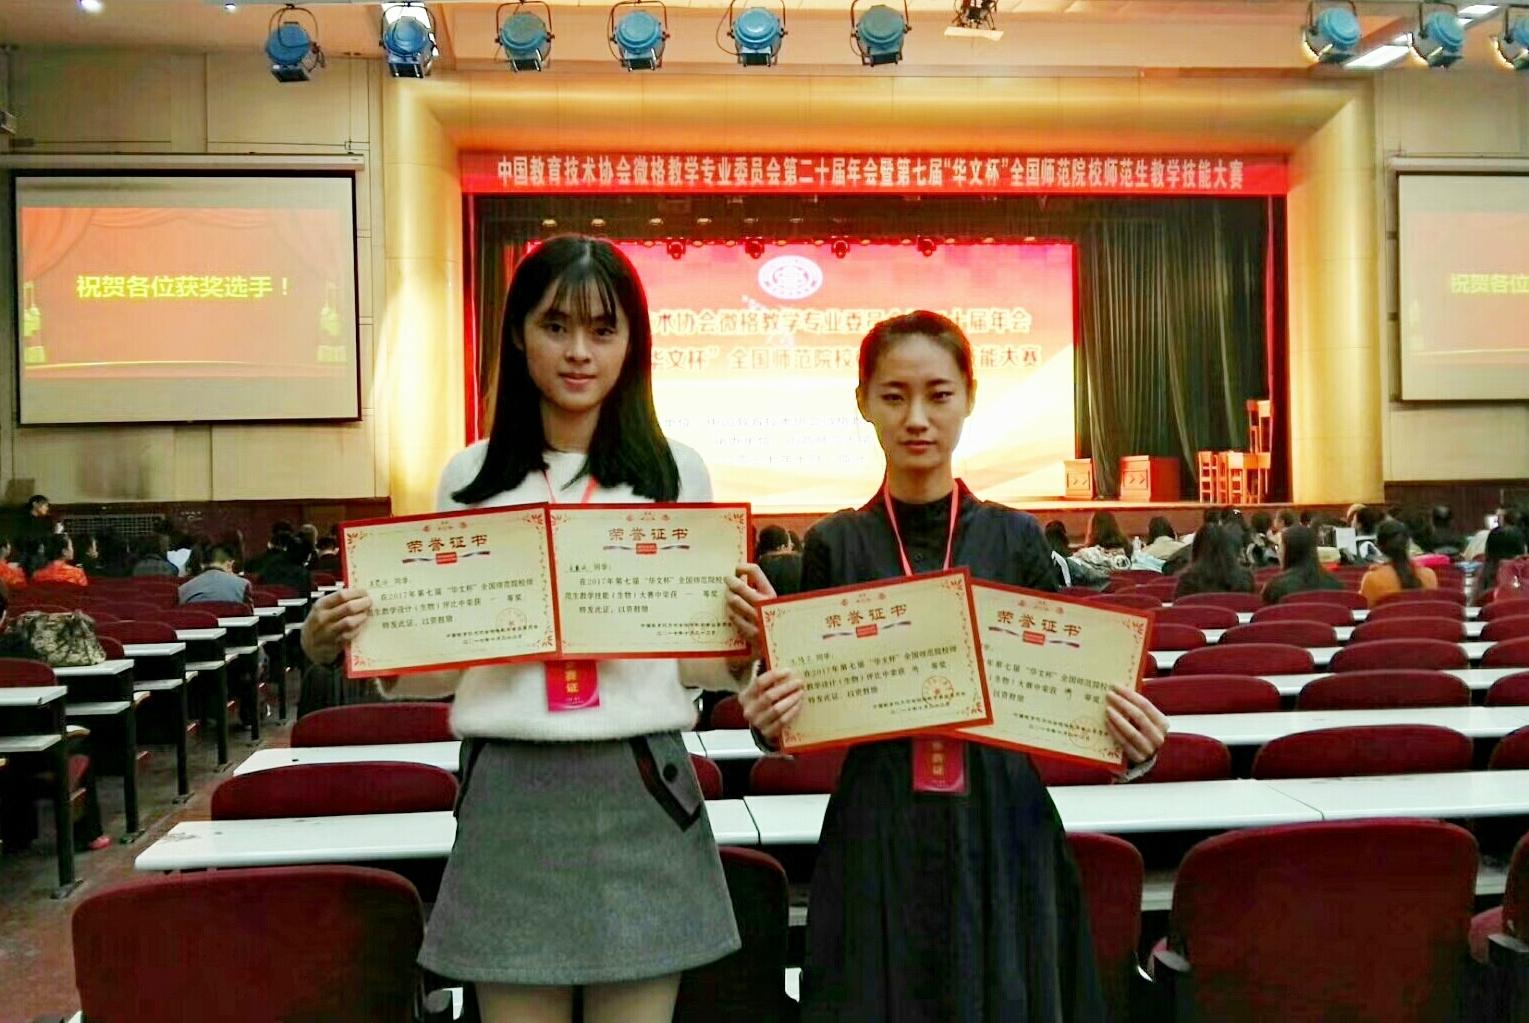 我校学子在第七届全国师范院校师范生教学技能大赛中获佳绩